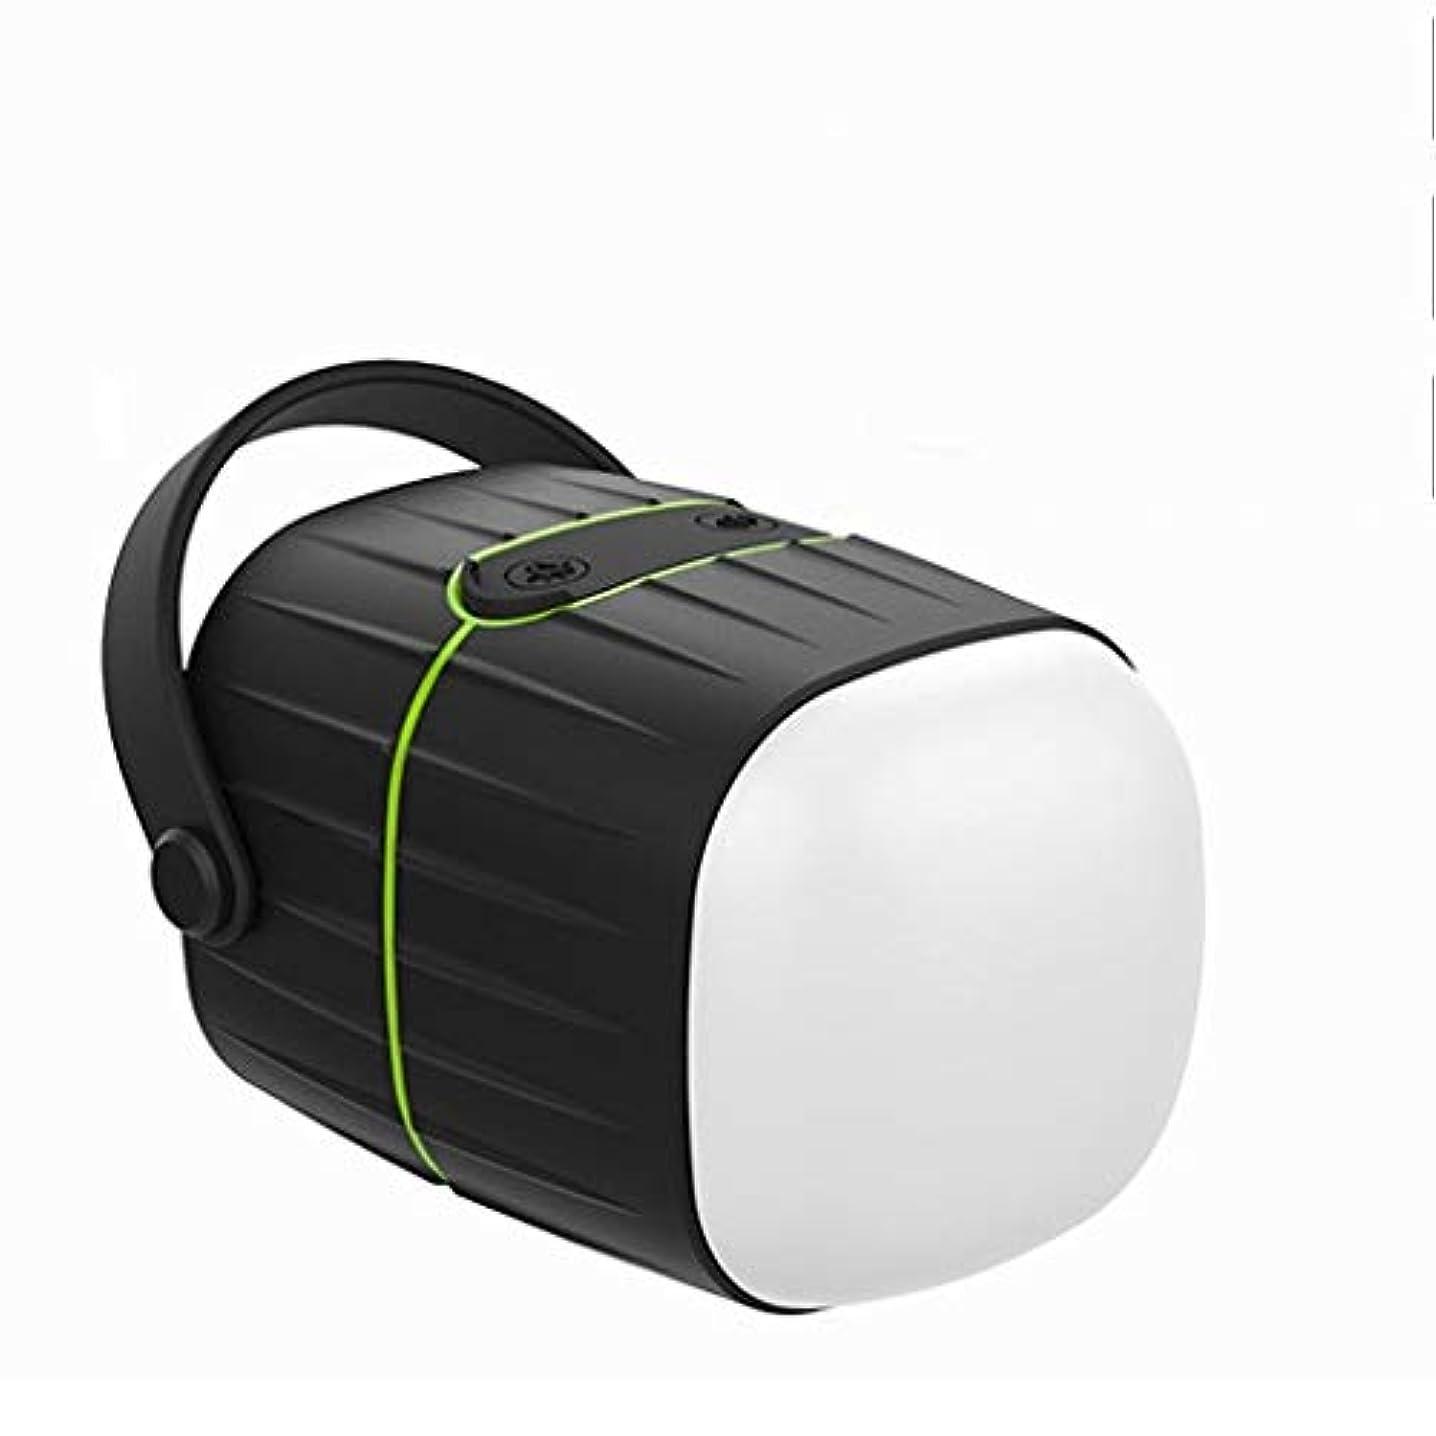 ネックレット石化する仲人キャンプライト屋外の携帯用導かれた充満無線ブルートゥースのスピーカーのテントライト